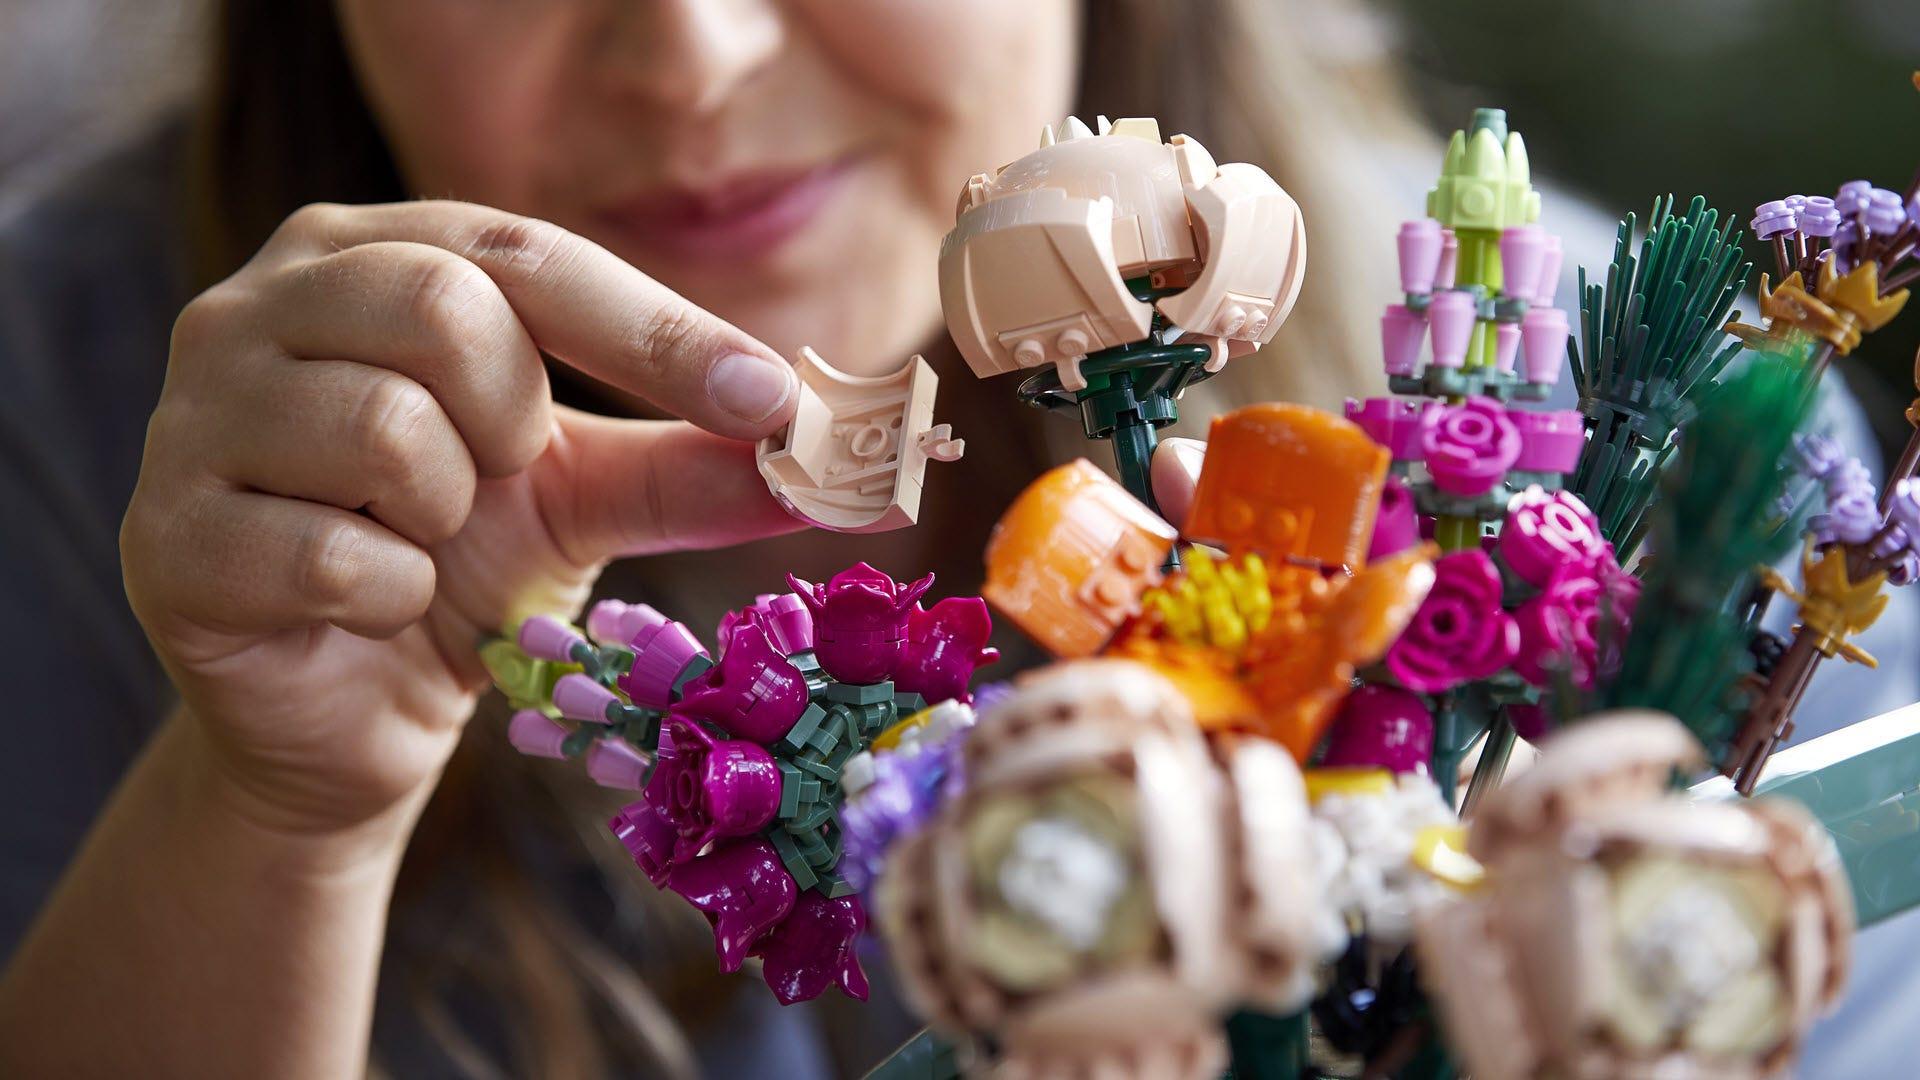 A person building a LEGO flower bouquet